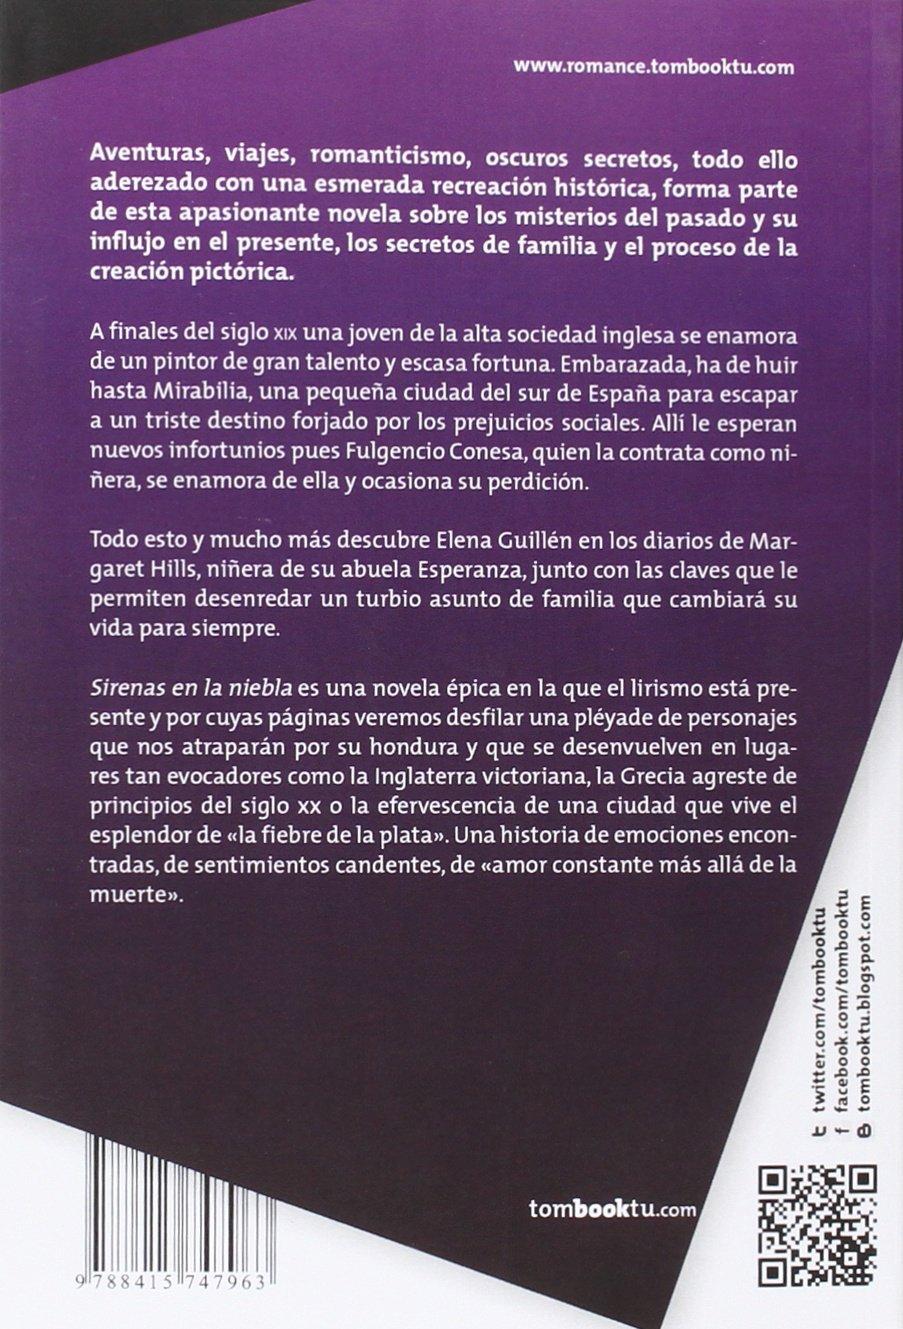 Sirenas en la niebla (Tombooktu Romance): Amazon.es: Ana María Alcaraz: Libros